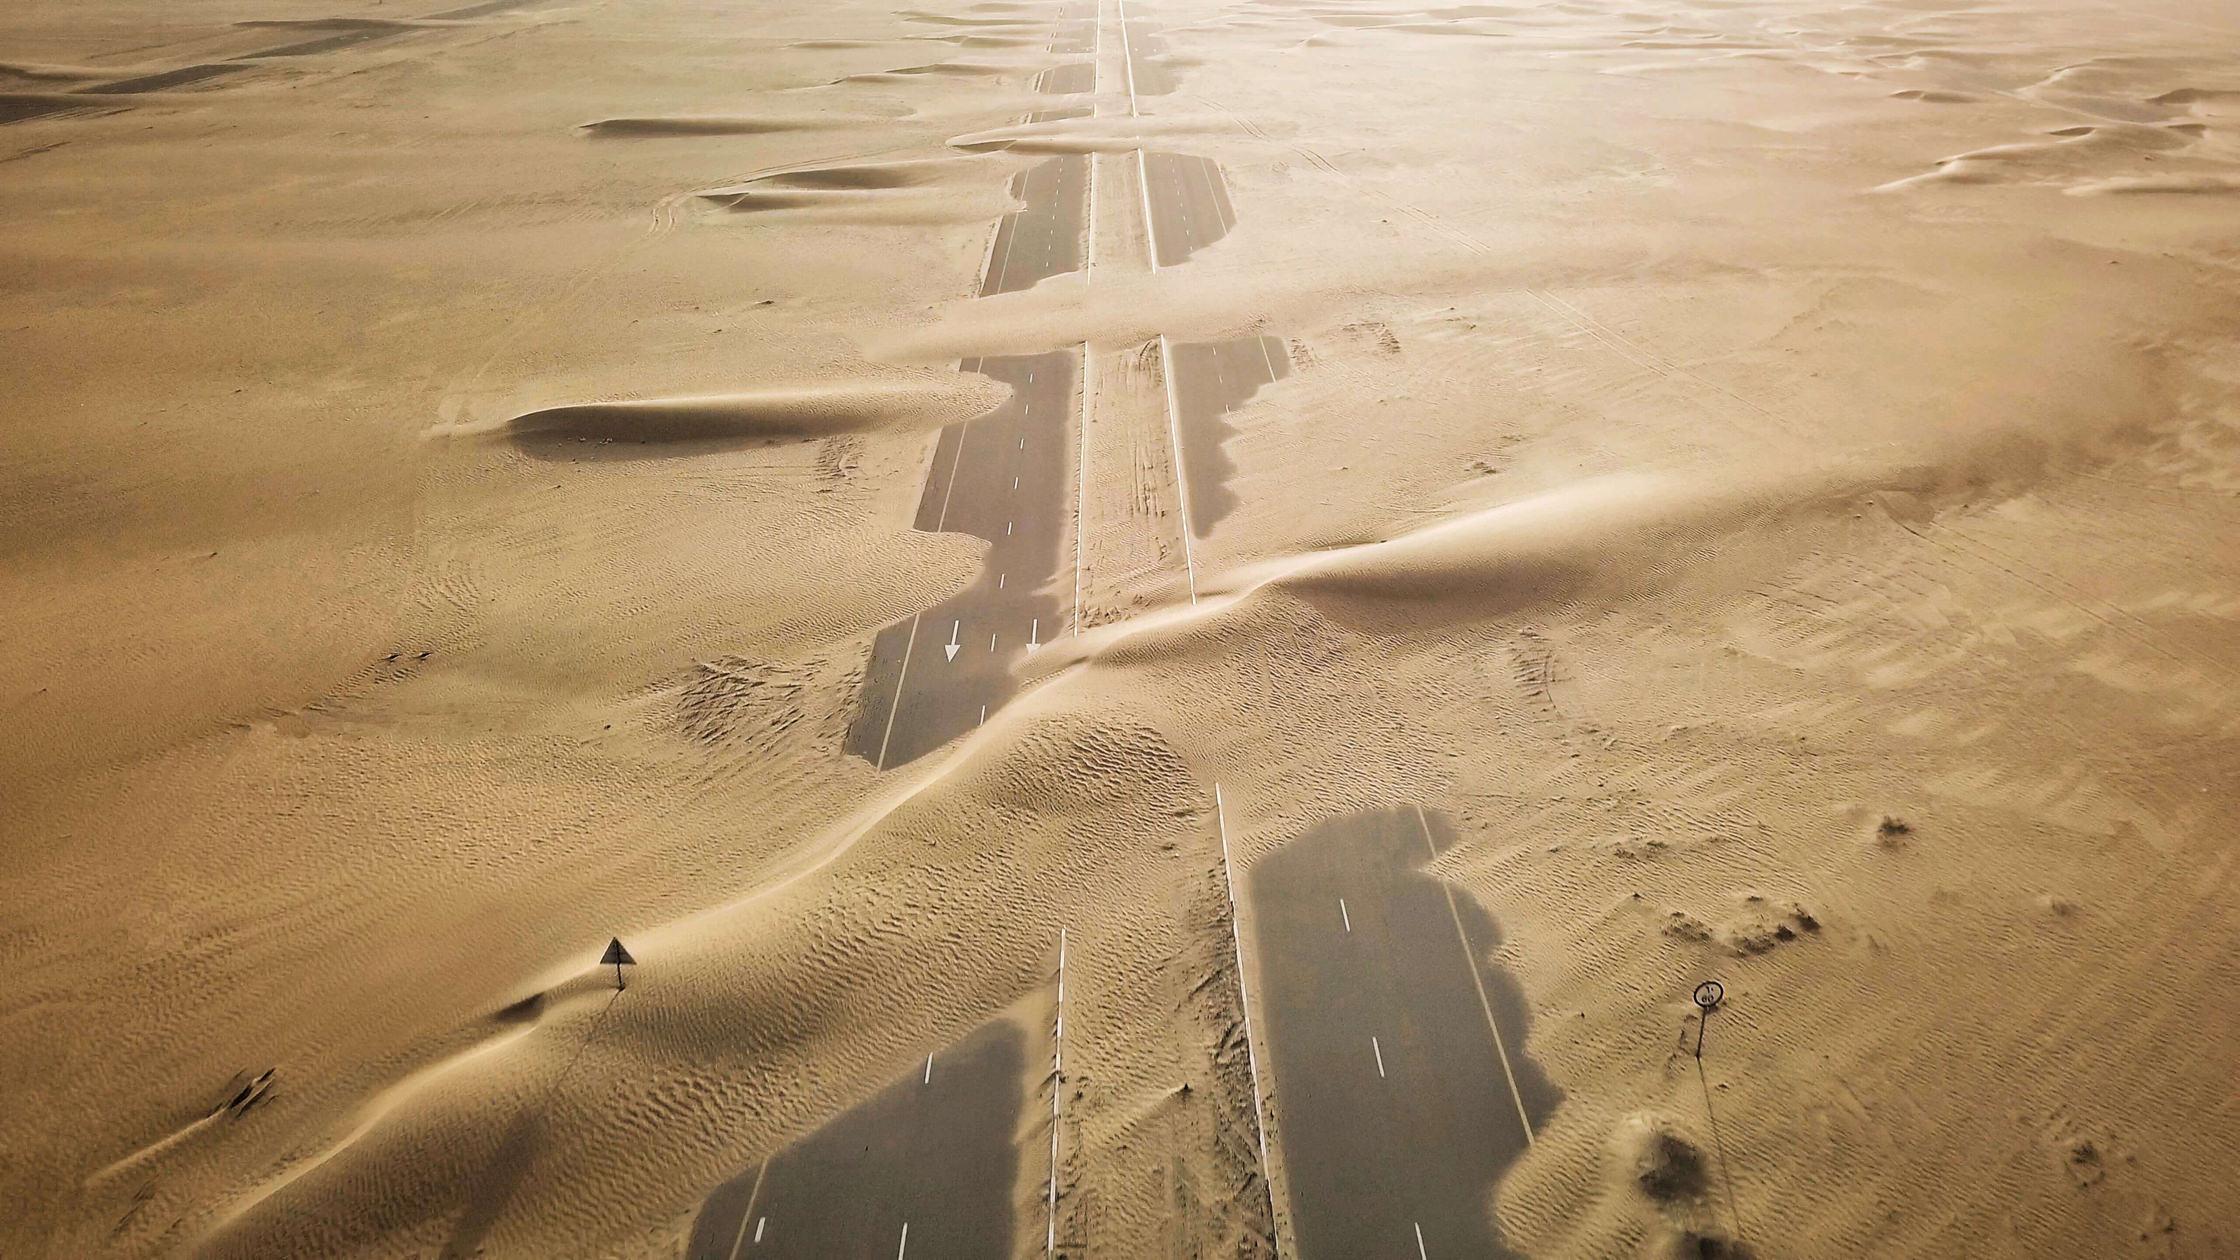 Dubai desert roads covered in sand